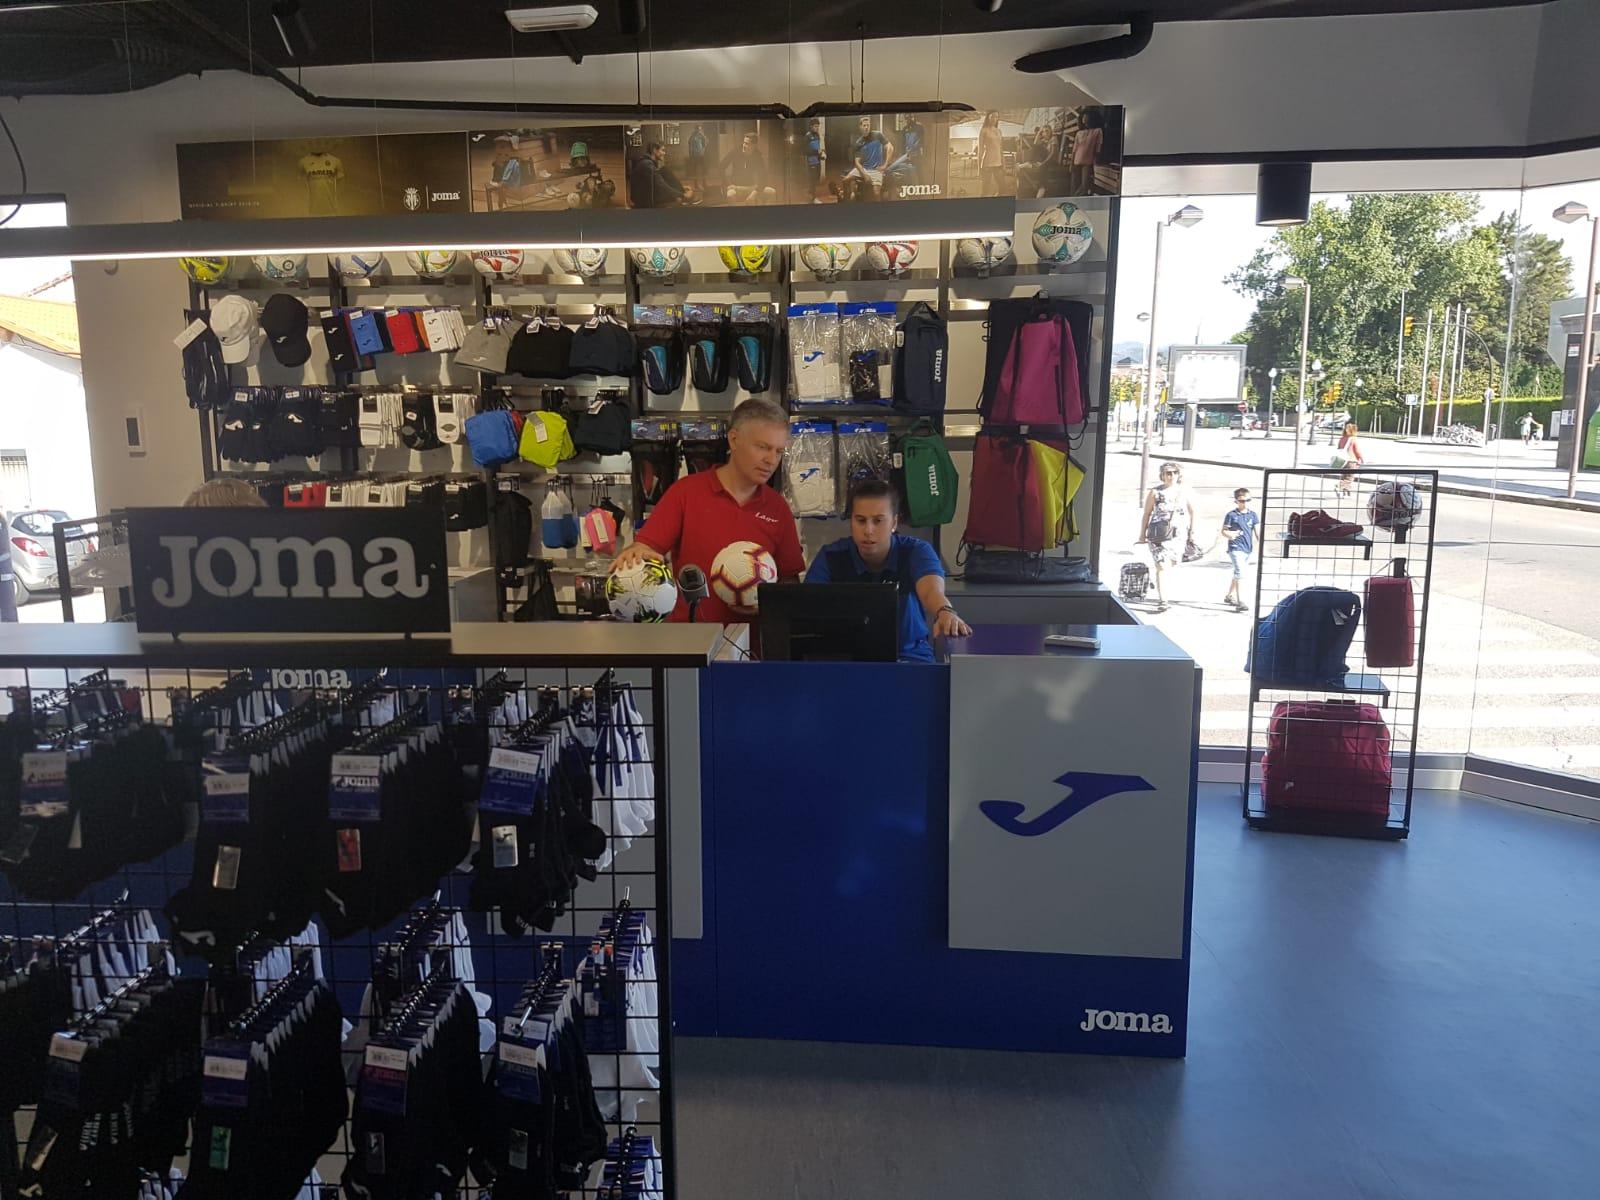 Deportes Lago abre una tienda en Gijón de la mano de Joma